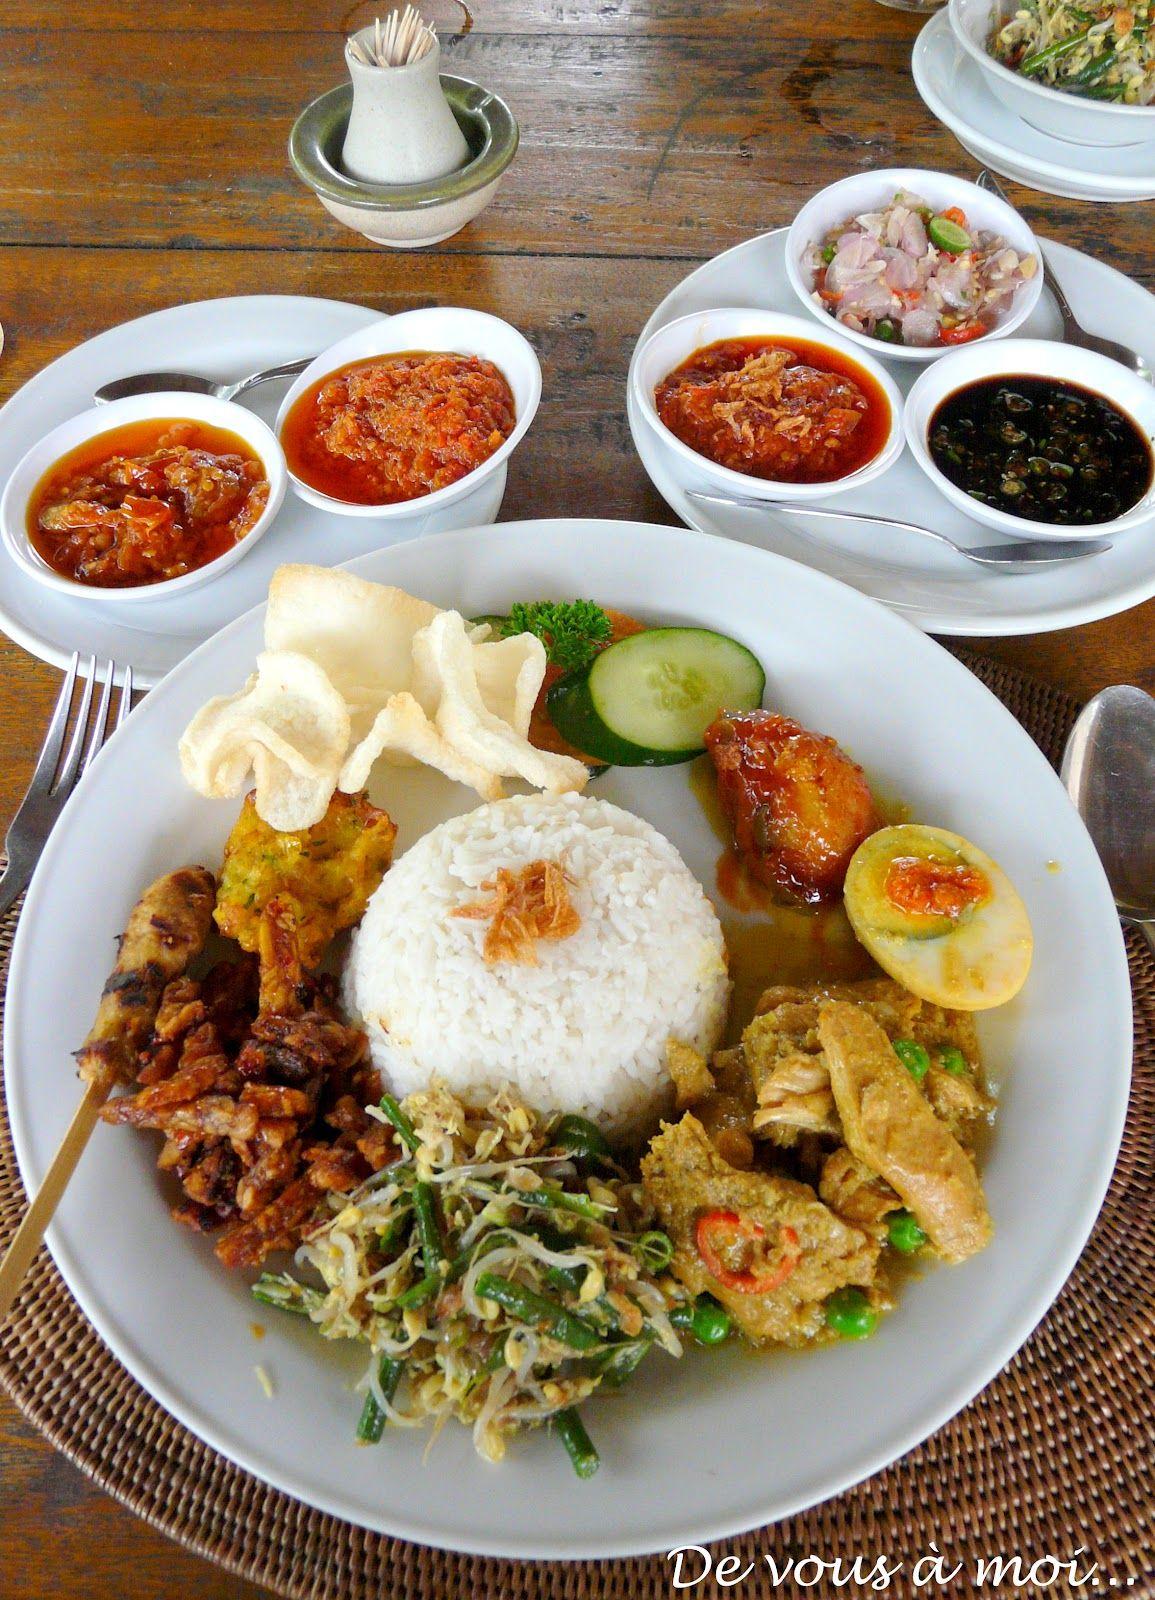 Retour à Bali Avec Cette Recette De Nasi Goreng Servi Dailleurs - Cuisine balinaise